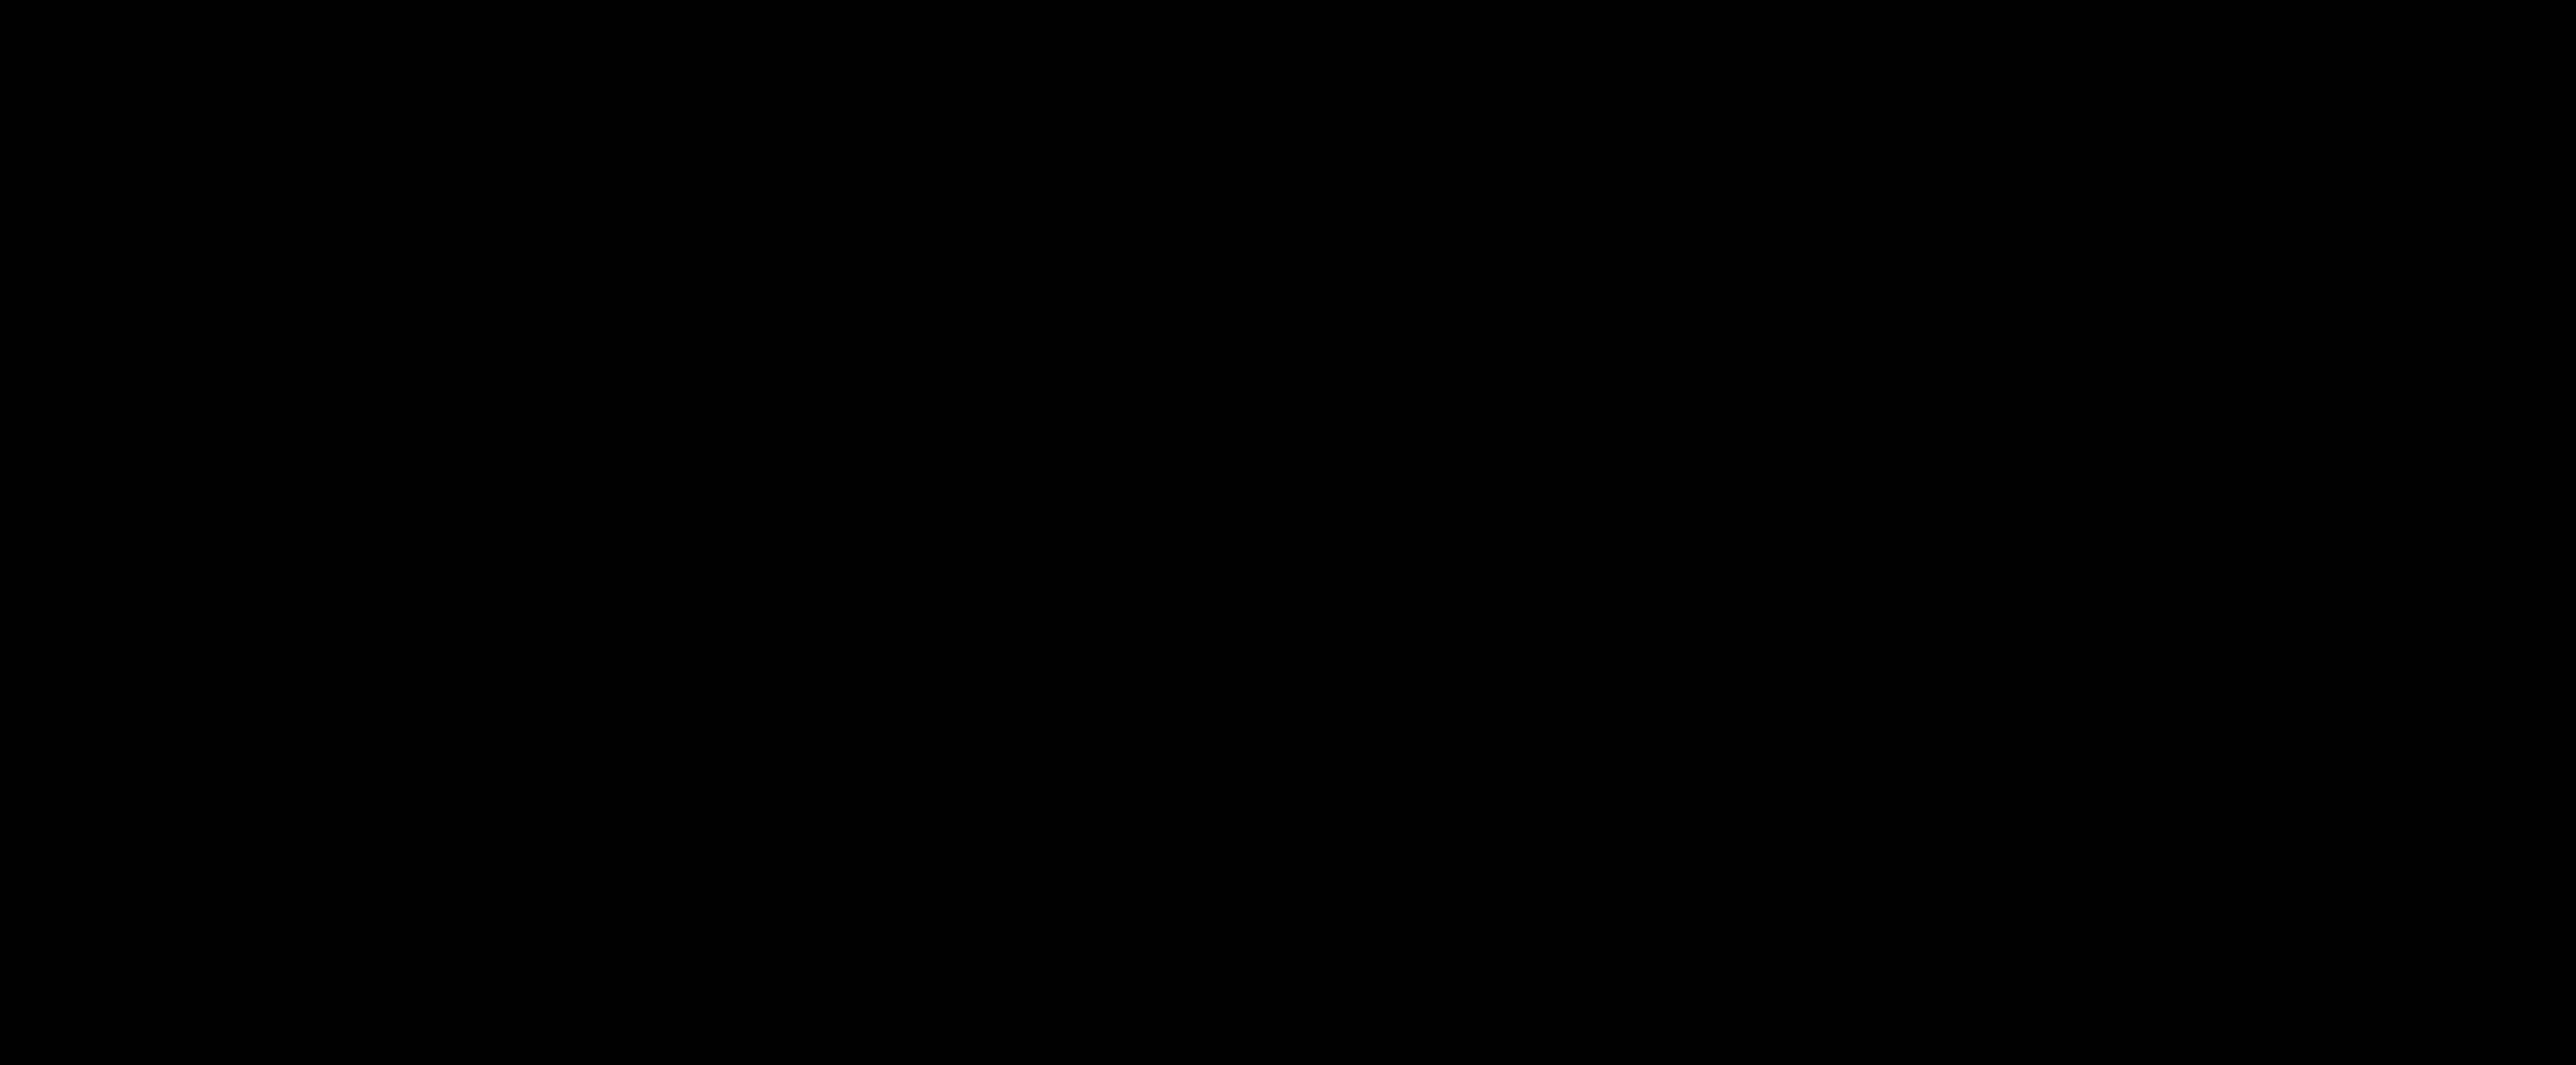 Resultado de imagem para logotipo disney